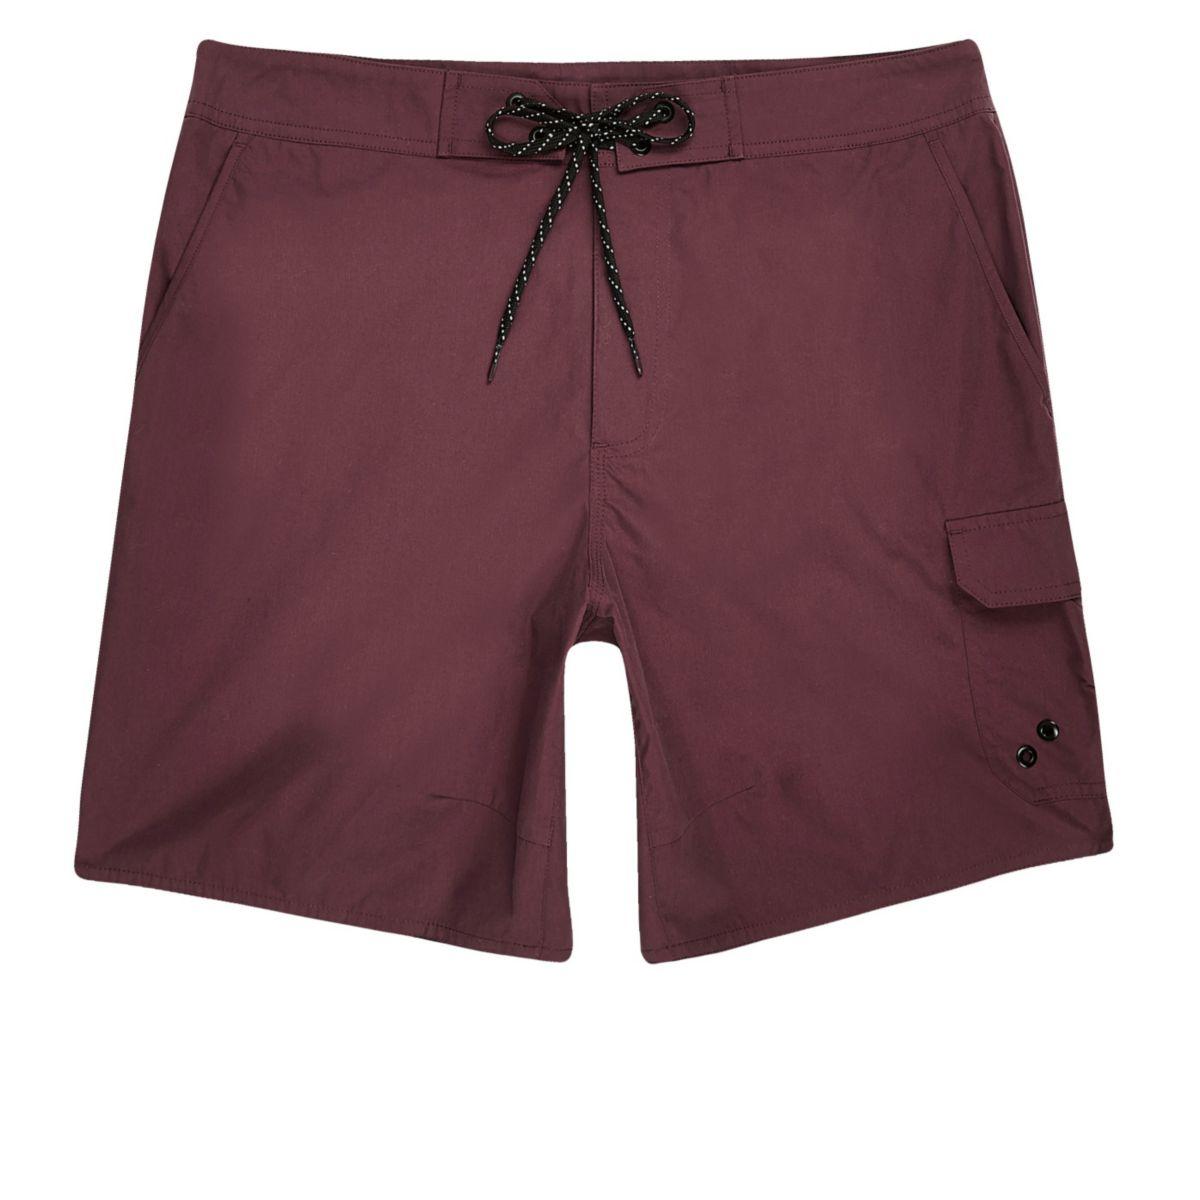 Dark red pocket board shorts